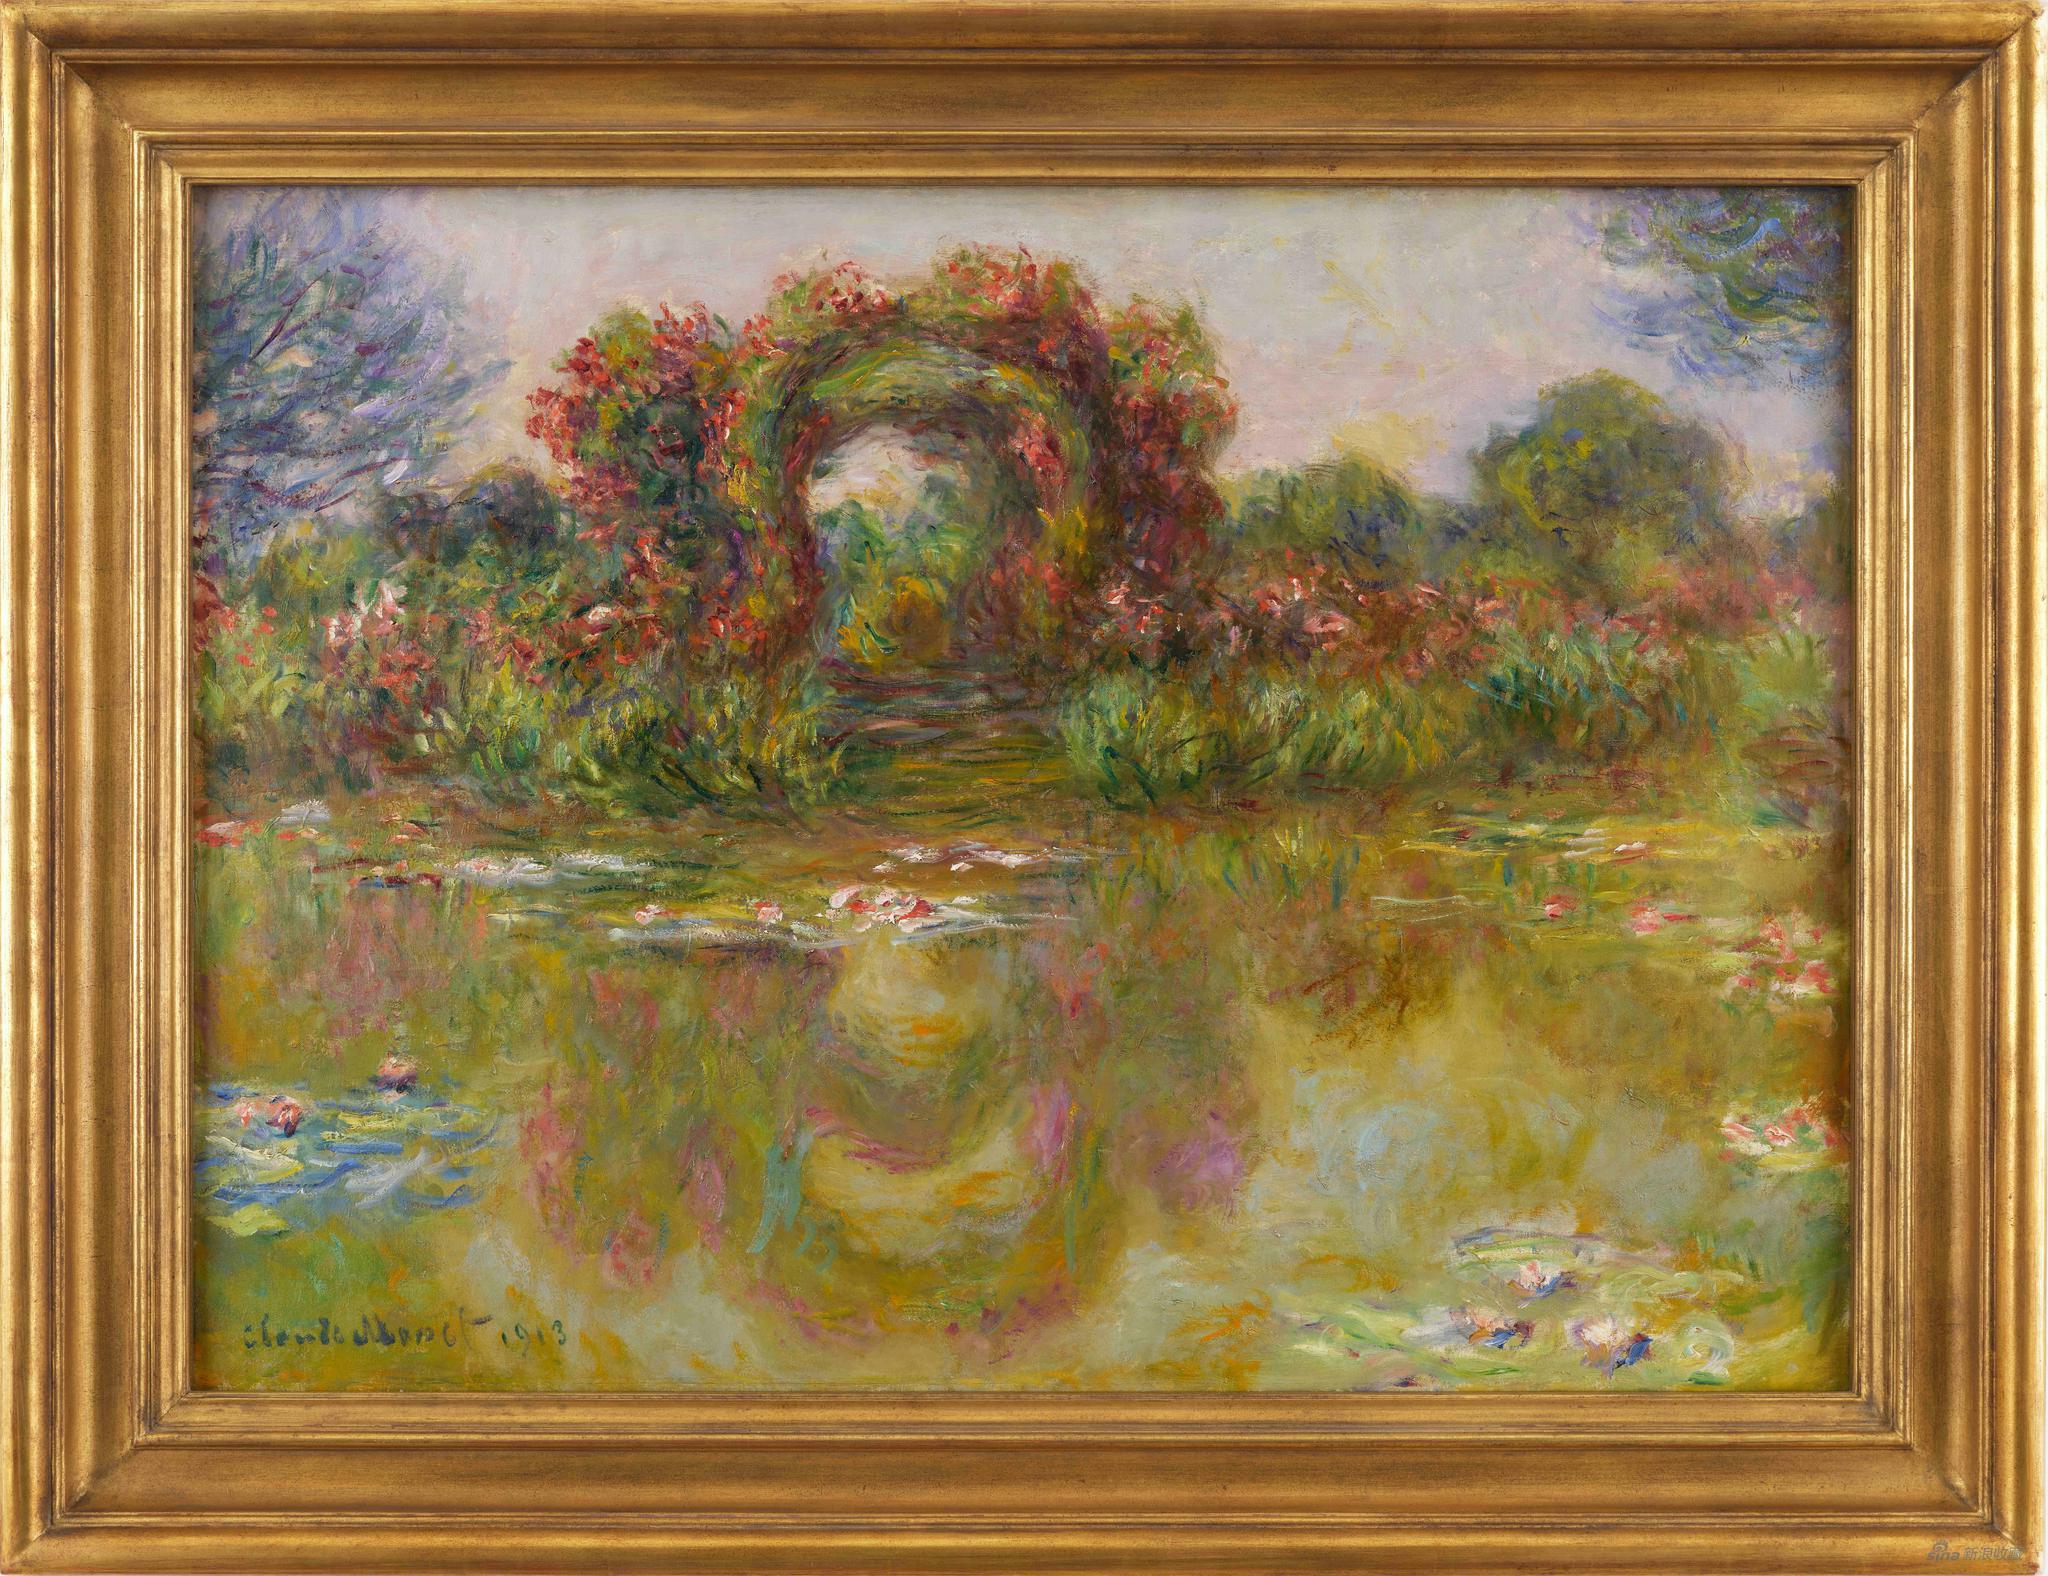 克劳德 莫奈 睡莲池与玫瑰